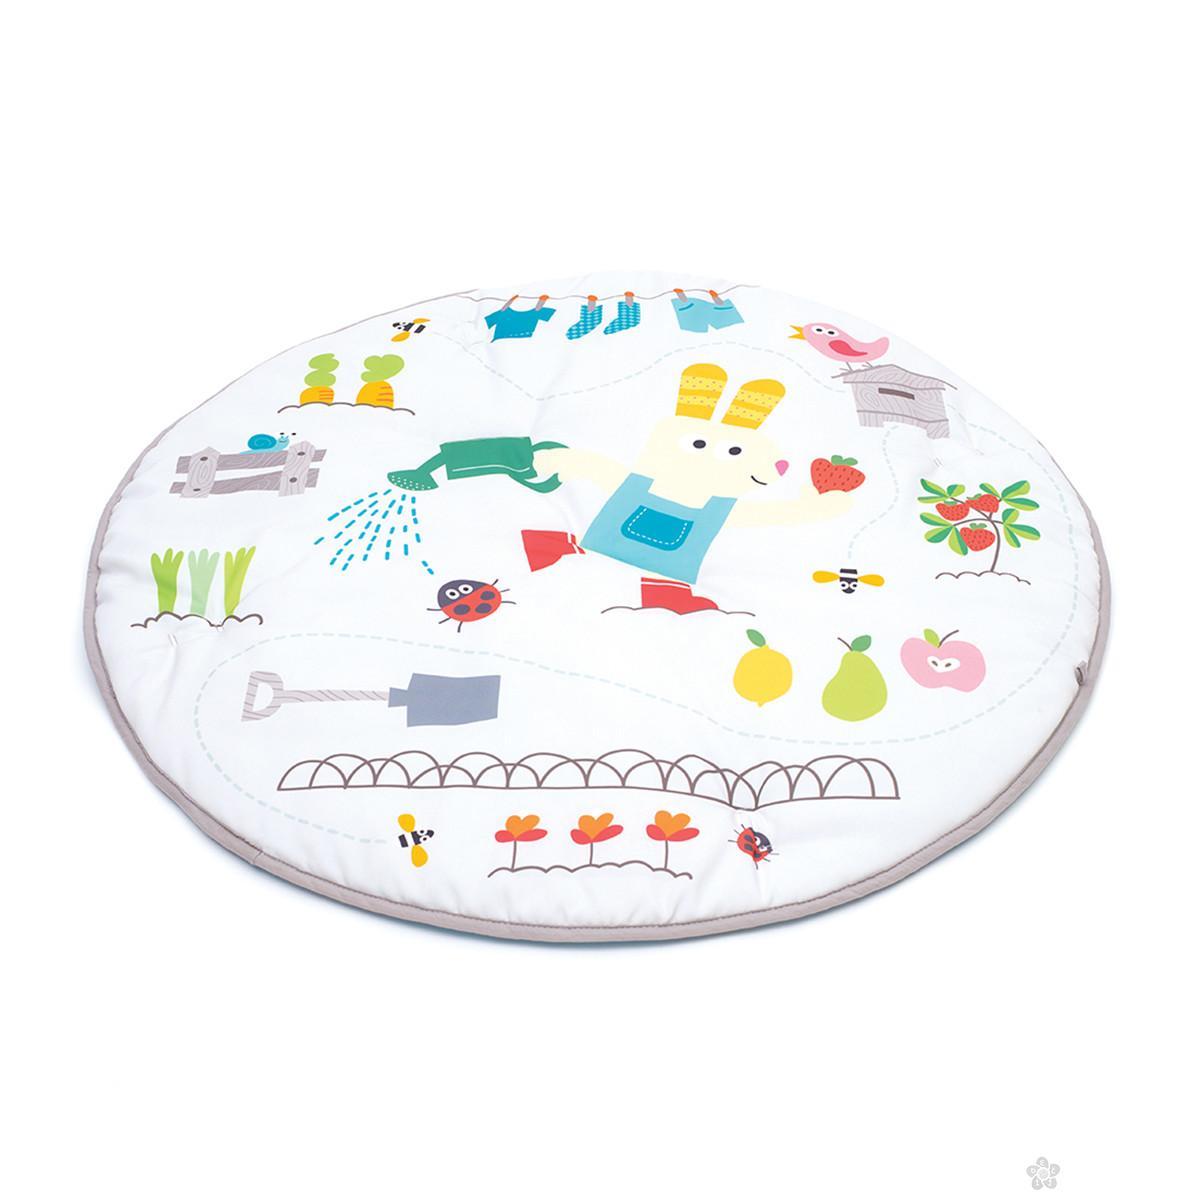 Taf Toys podloga za igranje Garden, 114003